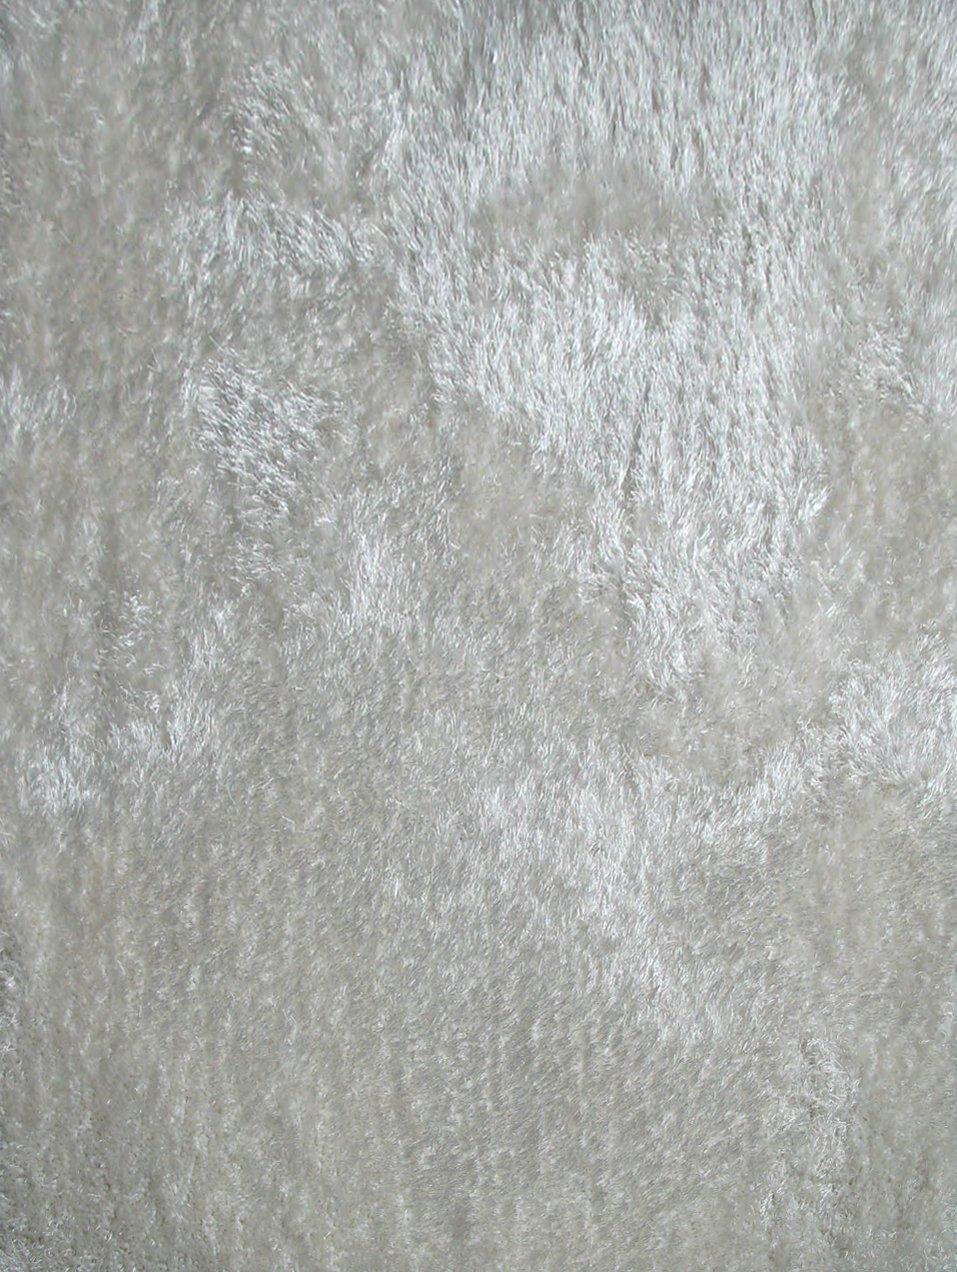 Amazon.com: RUGADDICTION Auténtico y Lujoso Color Blanco Sólido Shag Gruesa Alfombra Pila, Tamaño 60